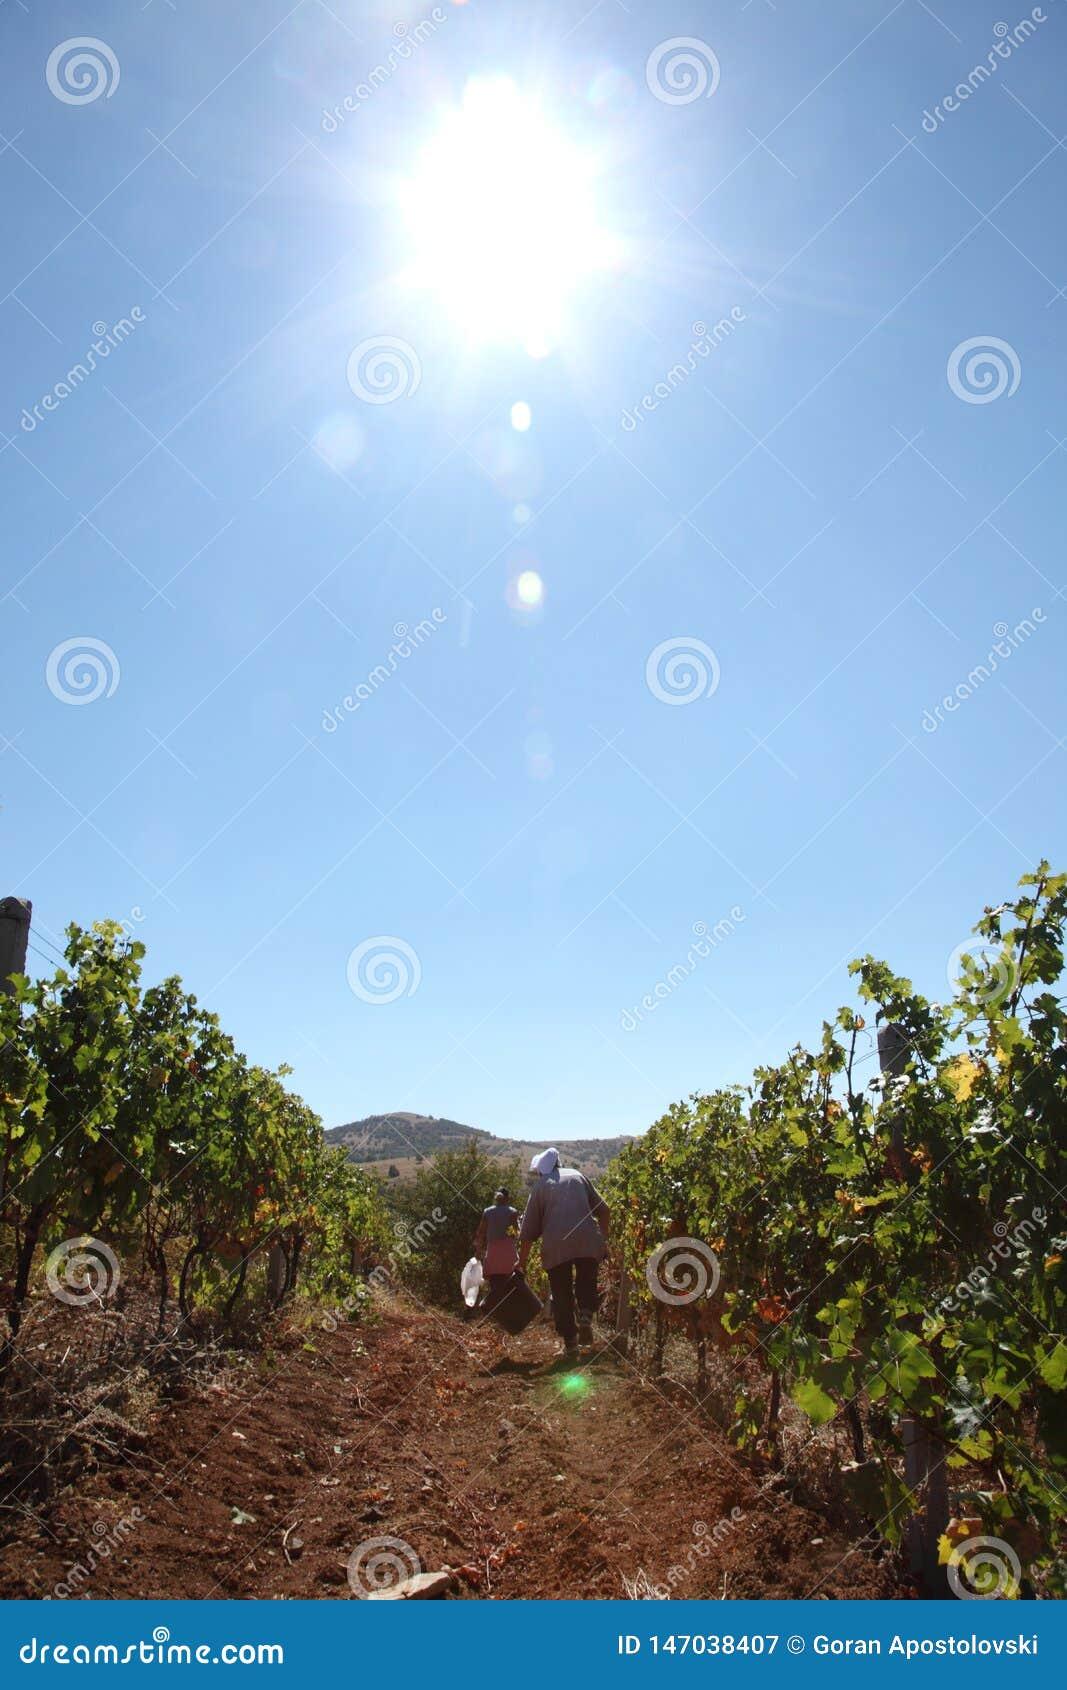 Wijngaard - druivenoogst - zonnige dag